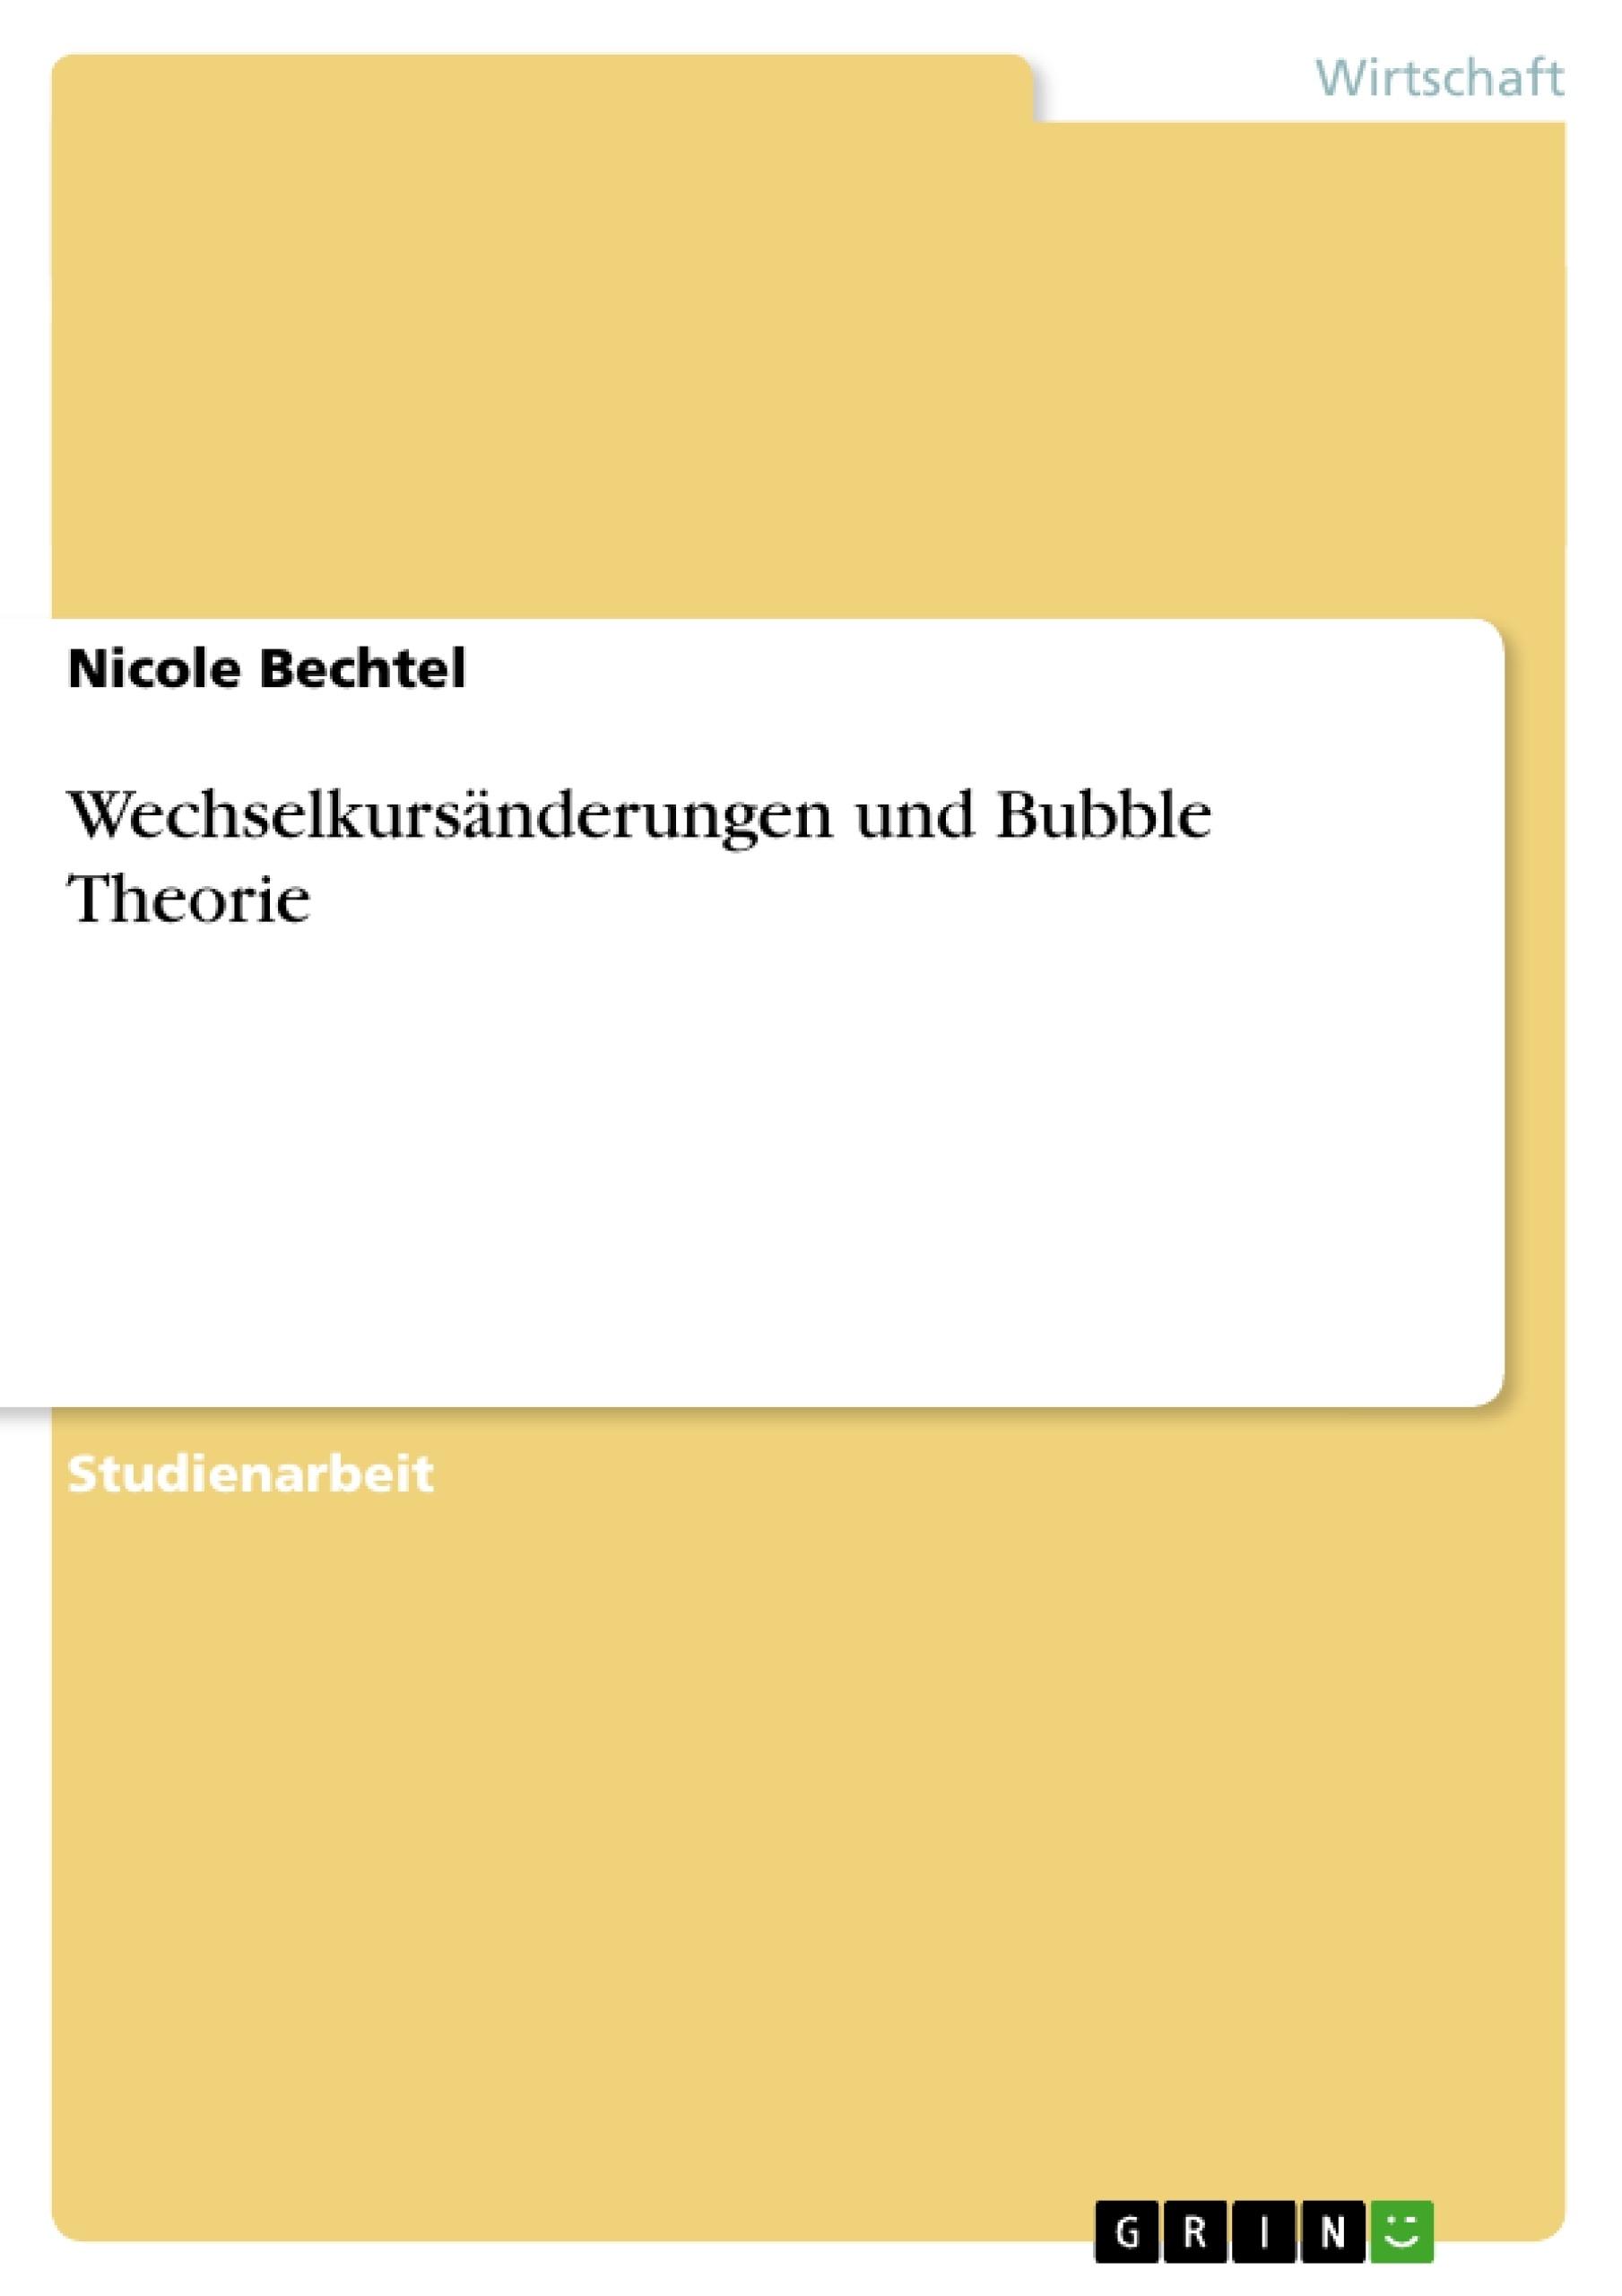 Titel: Wechselkursänderungen und Bubble Theorie